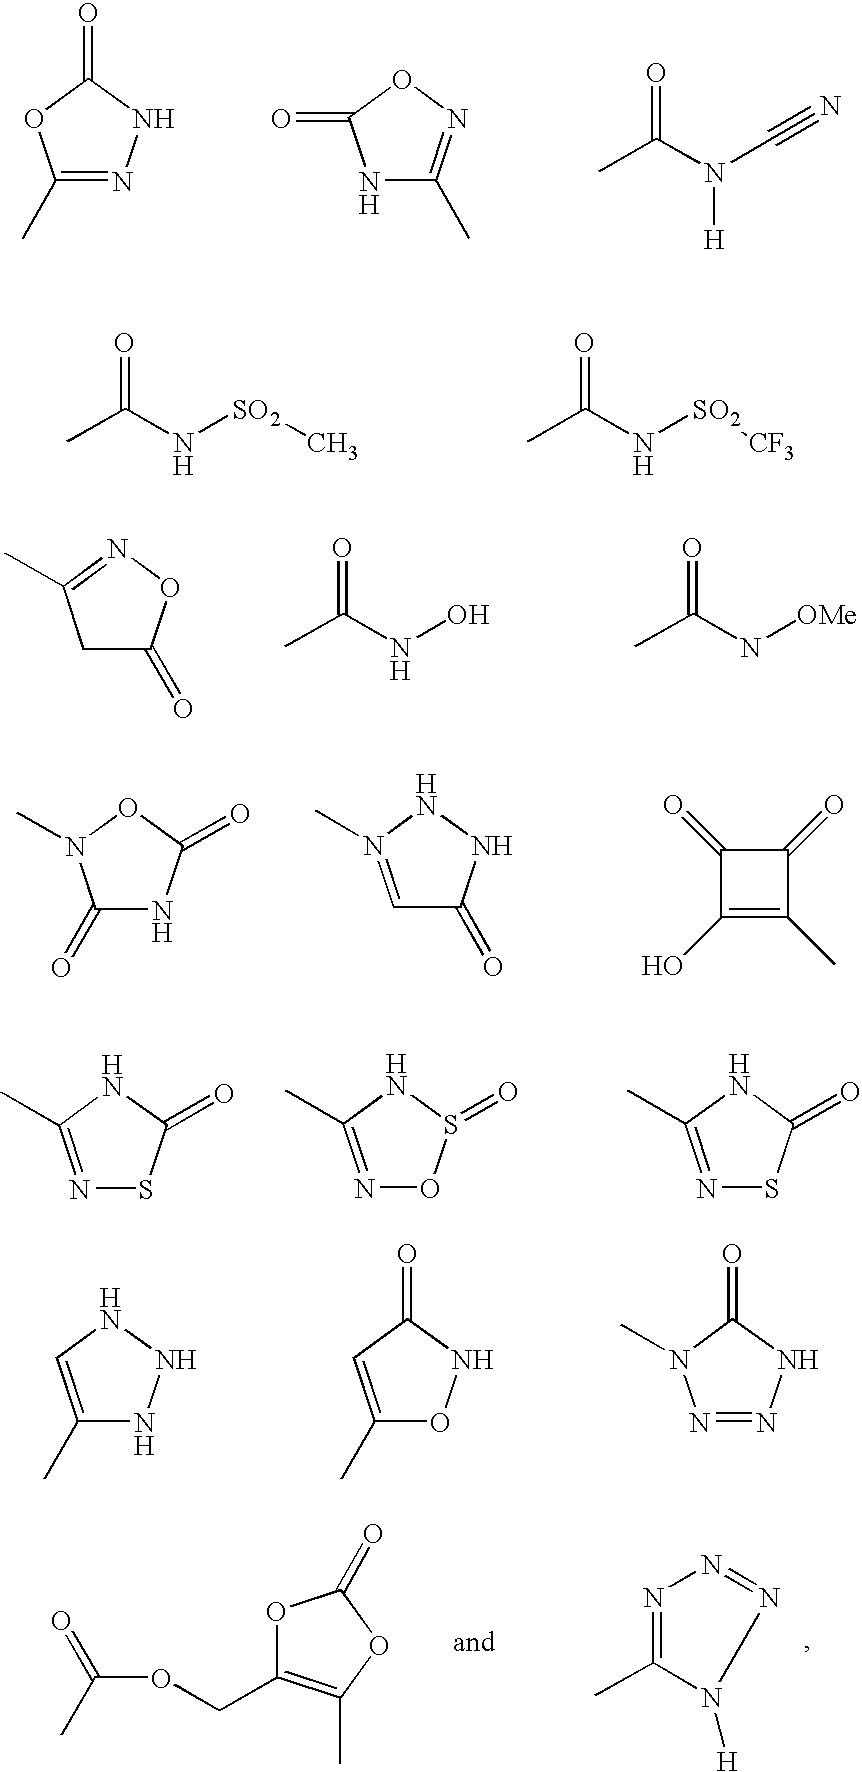 Figure US20050009827A1-20050113-C00007